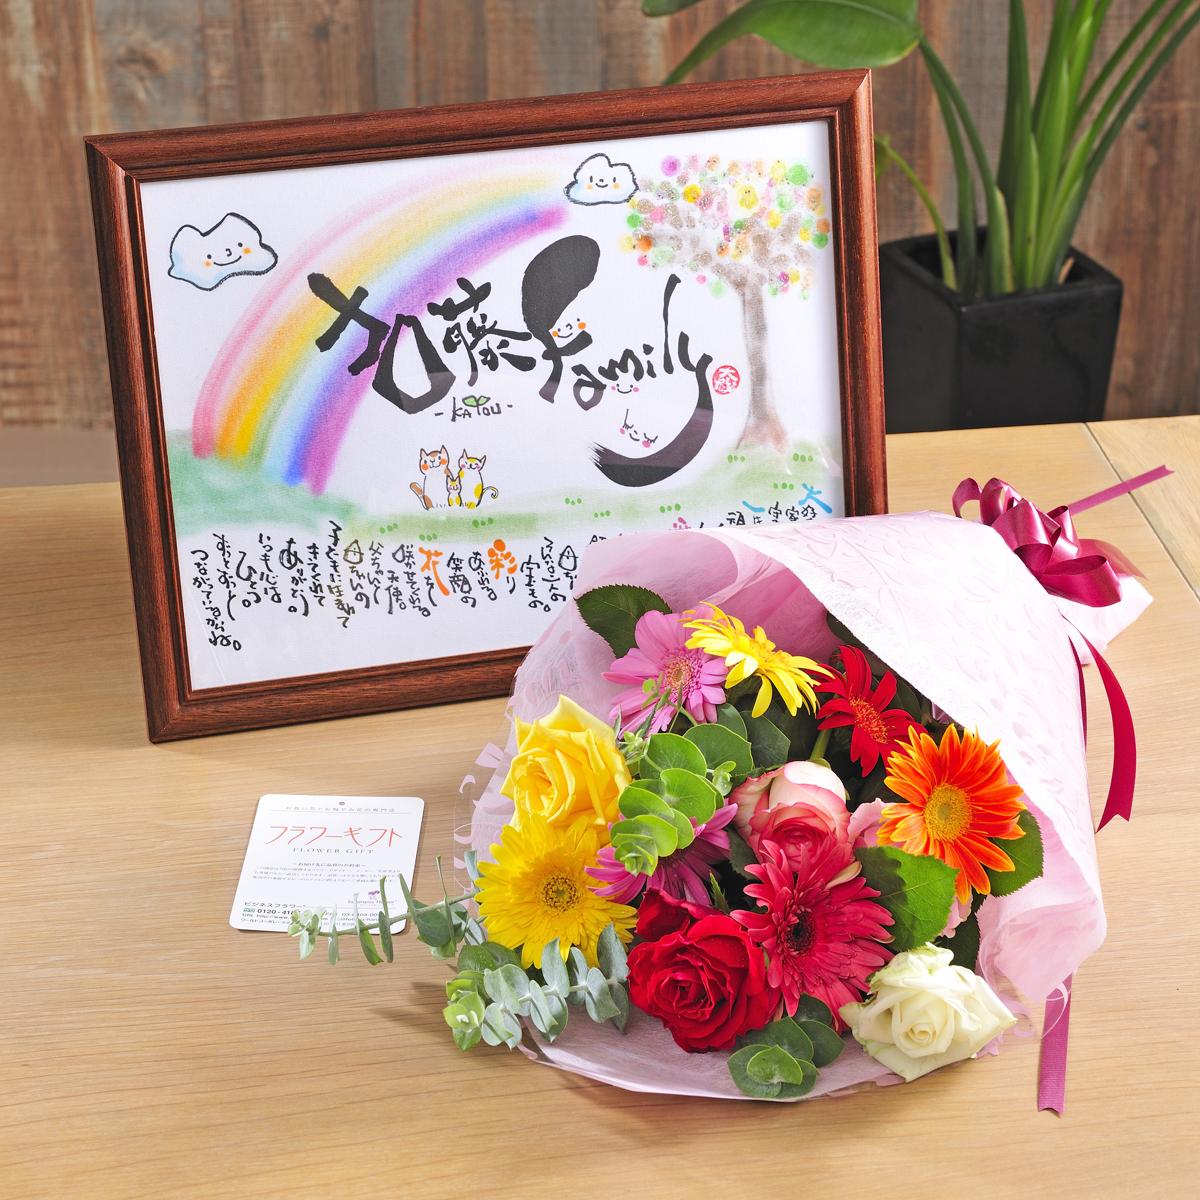 上場・当選祝いにおすすめ!名入れ可!ファミリー額【虹の空の下に】と選べるお花のギフトセット【送料無料】